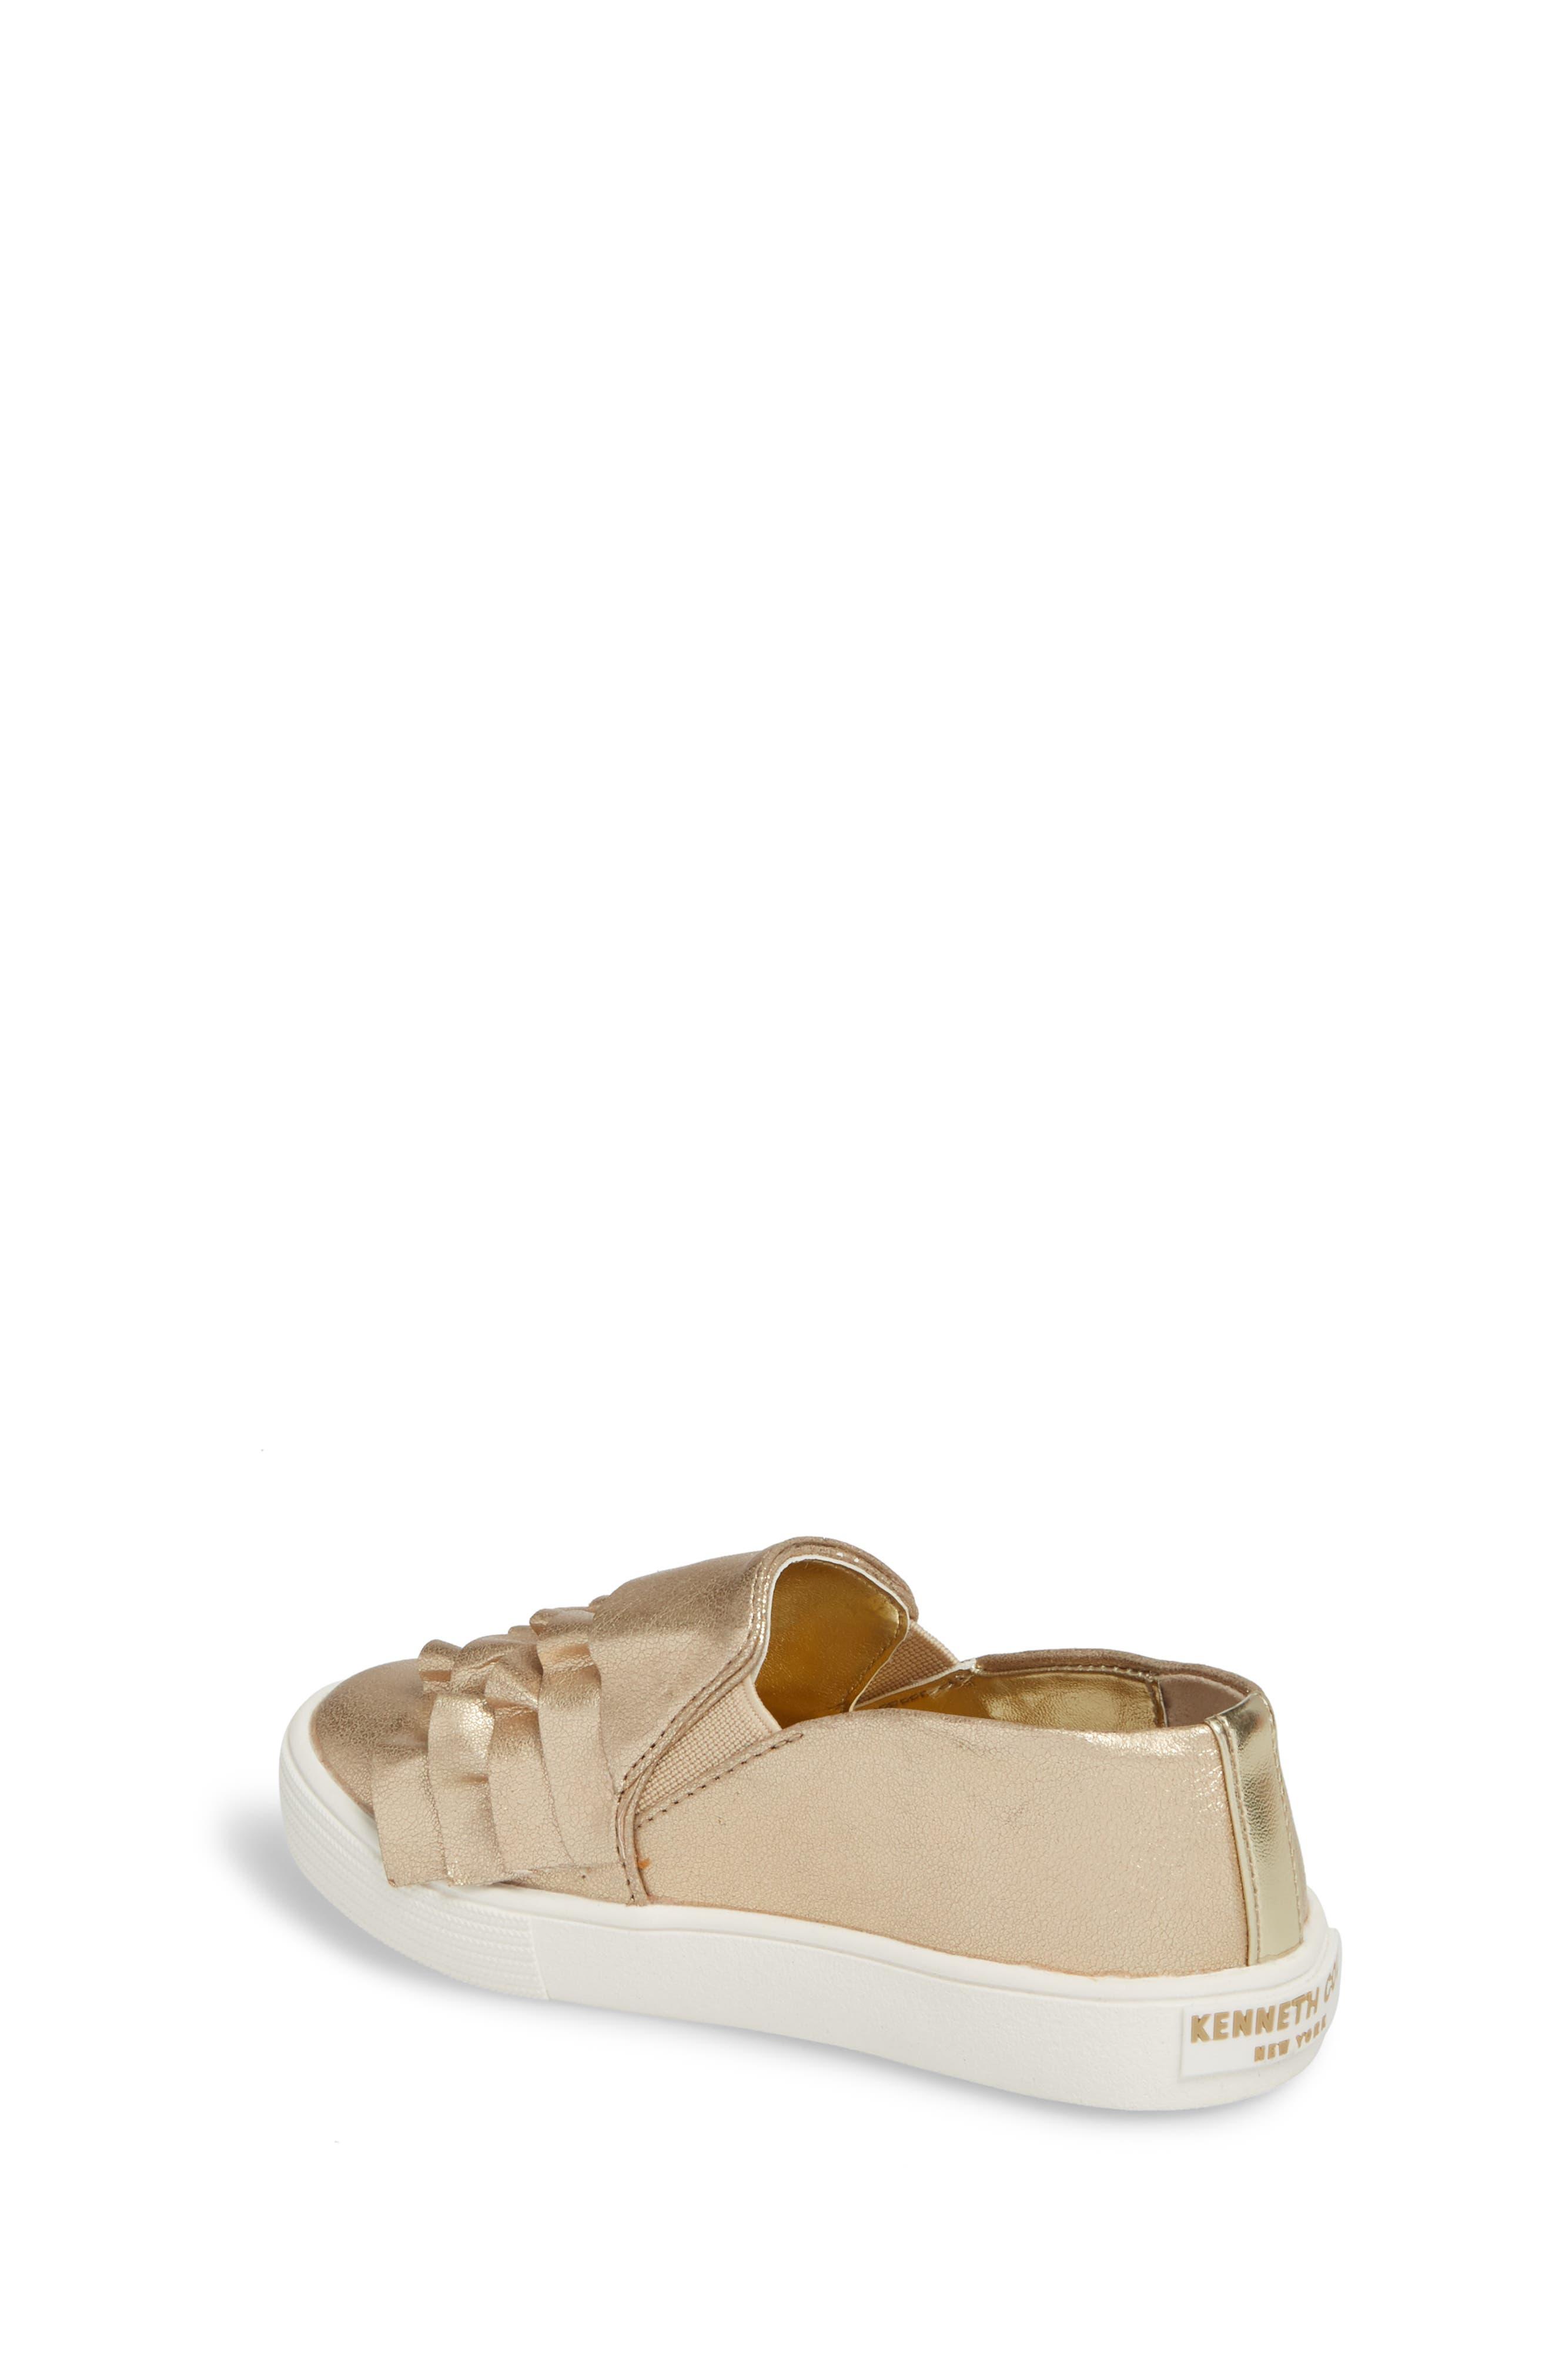 Shimmery Kam Ruffle Slip-On Sneaker,                             Alternate thumbnail 2, color,                             Gold